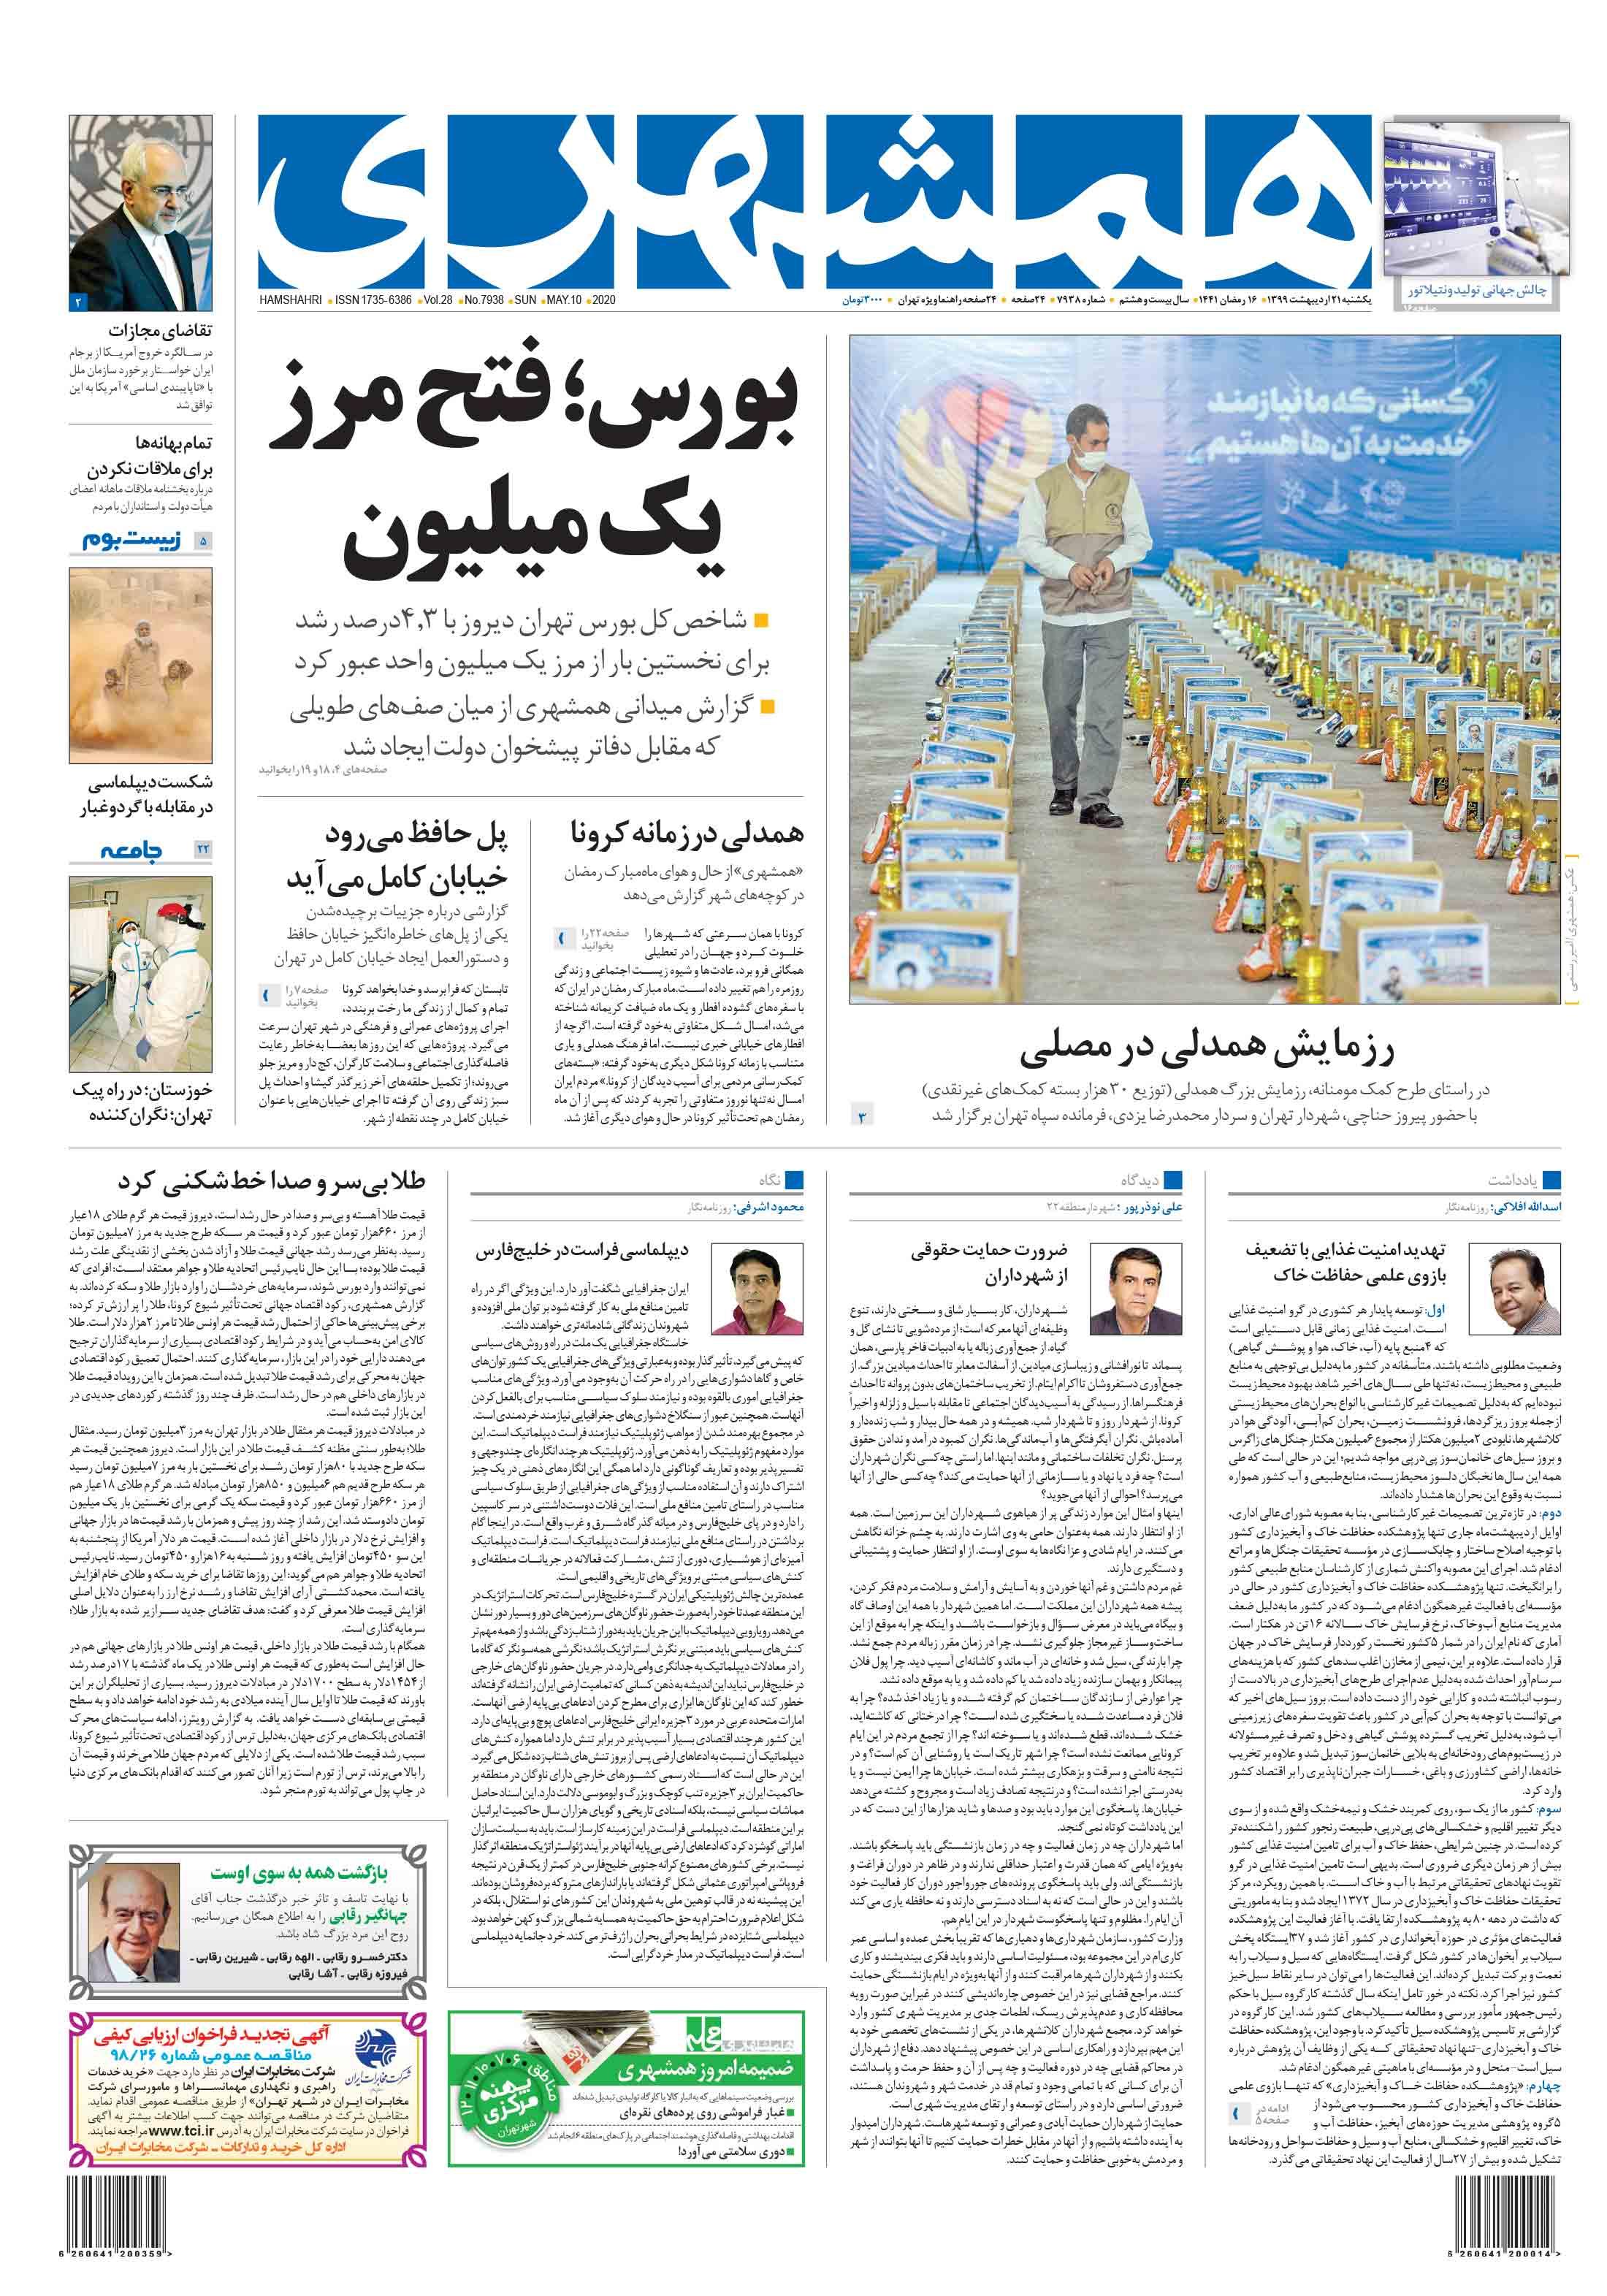 صفحه اول یکشنبه 21 اردیبهشت 1399